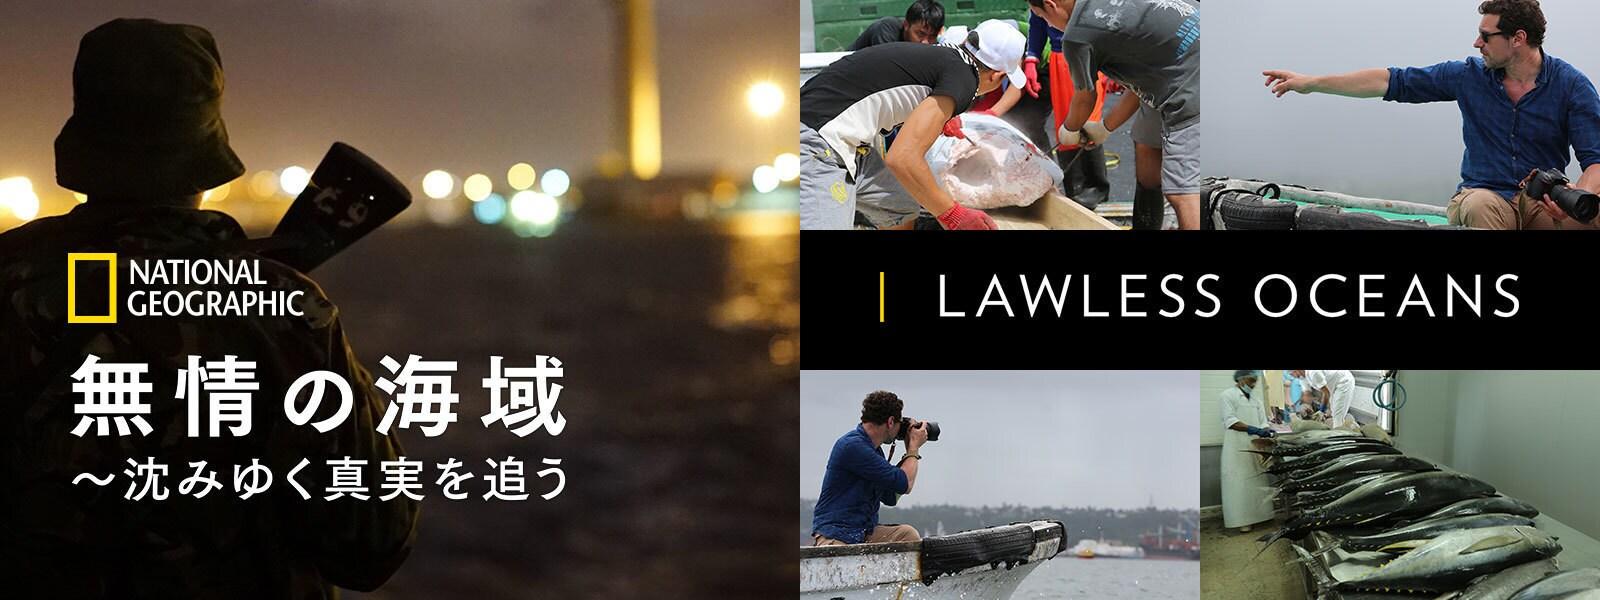 無情の海域 ~沈みゆく真実を追う|Lawless Oceans Hero Object